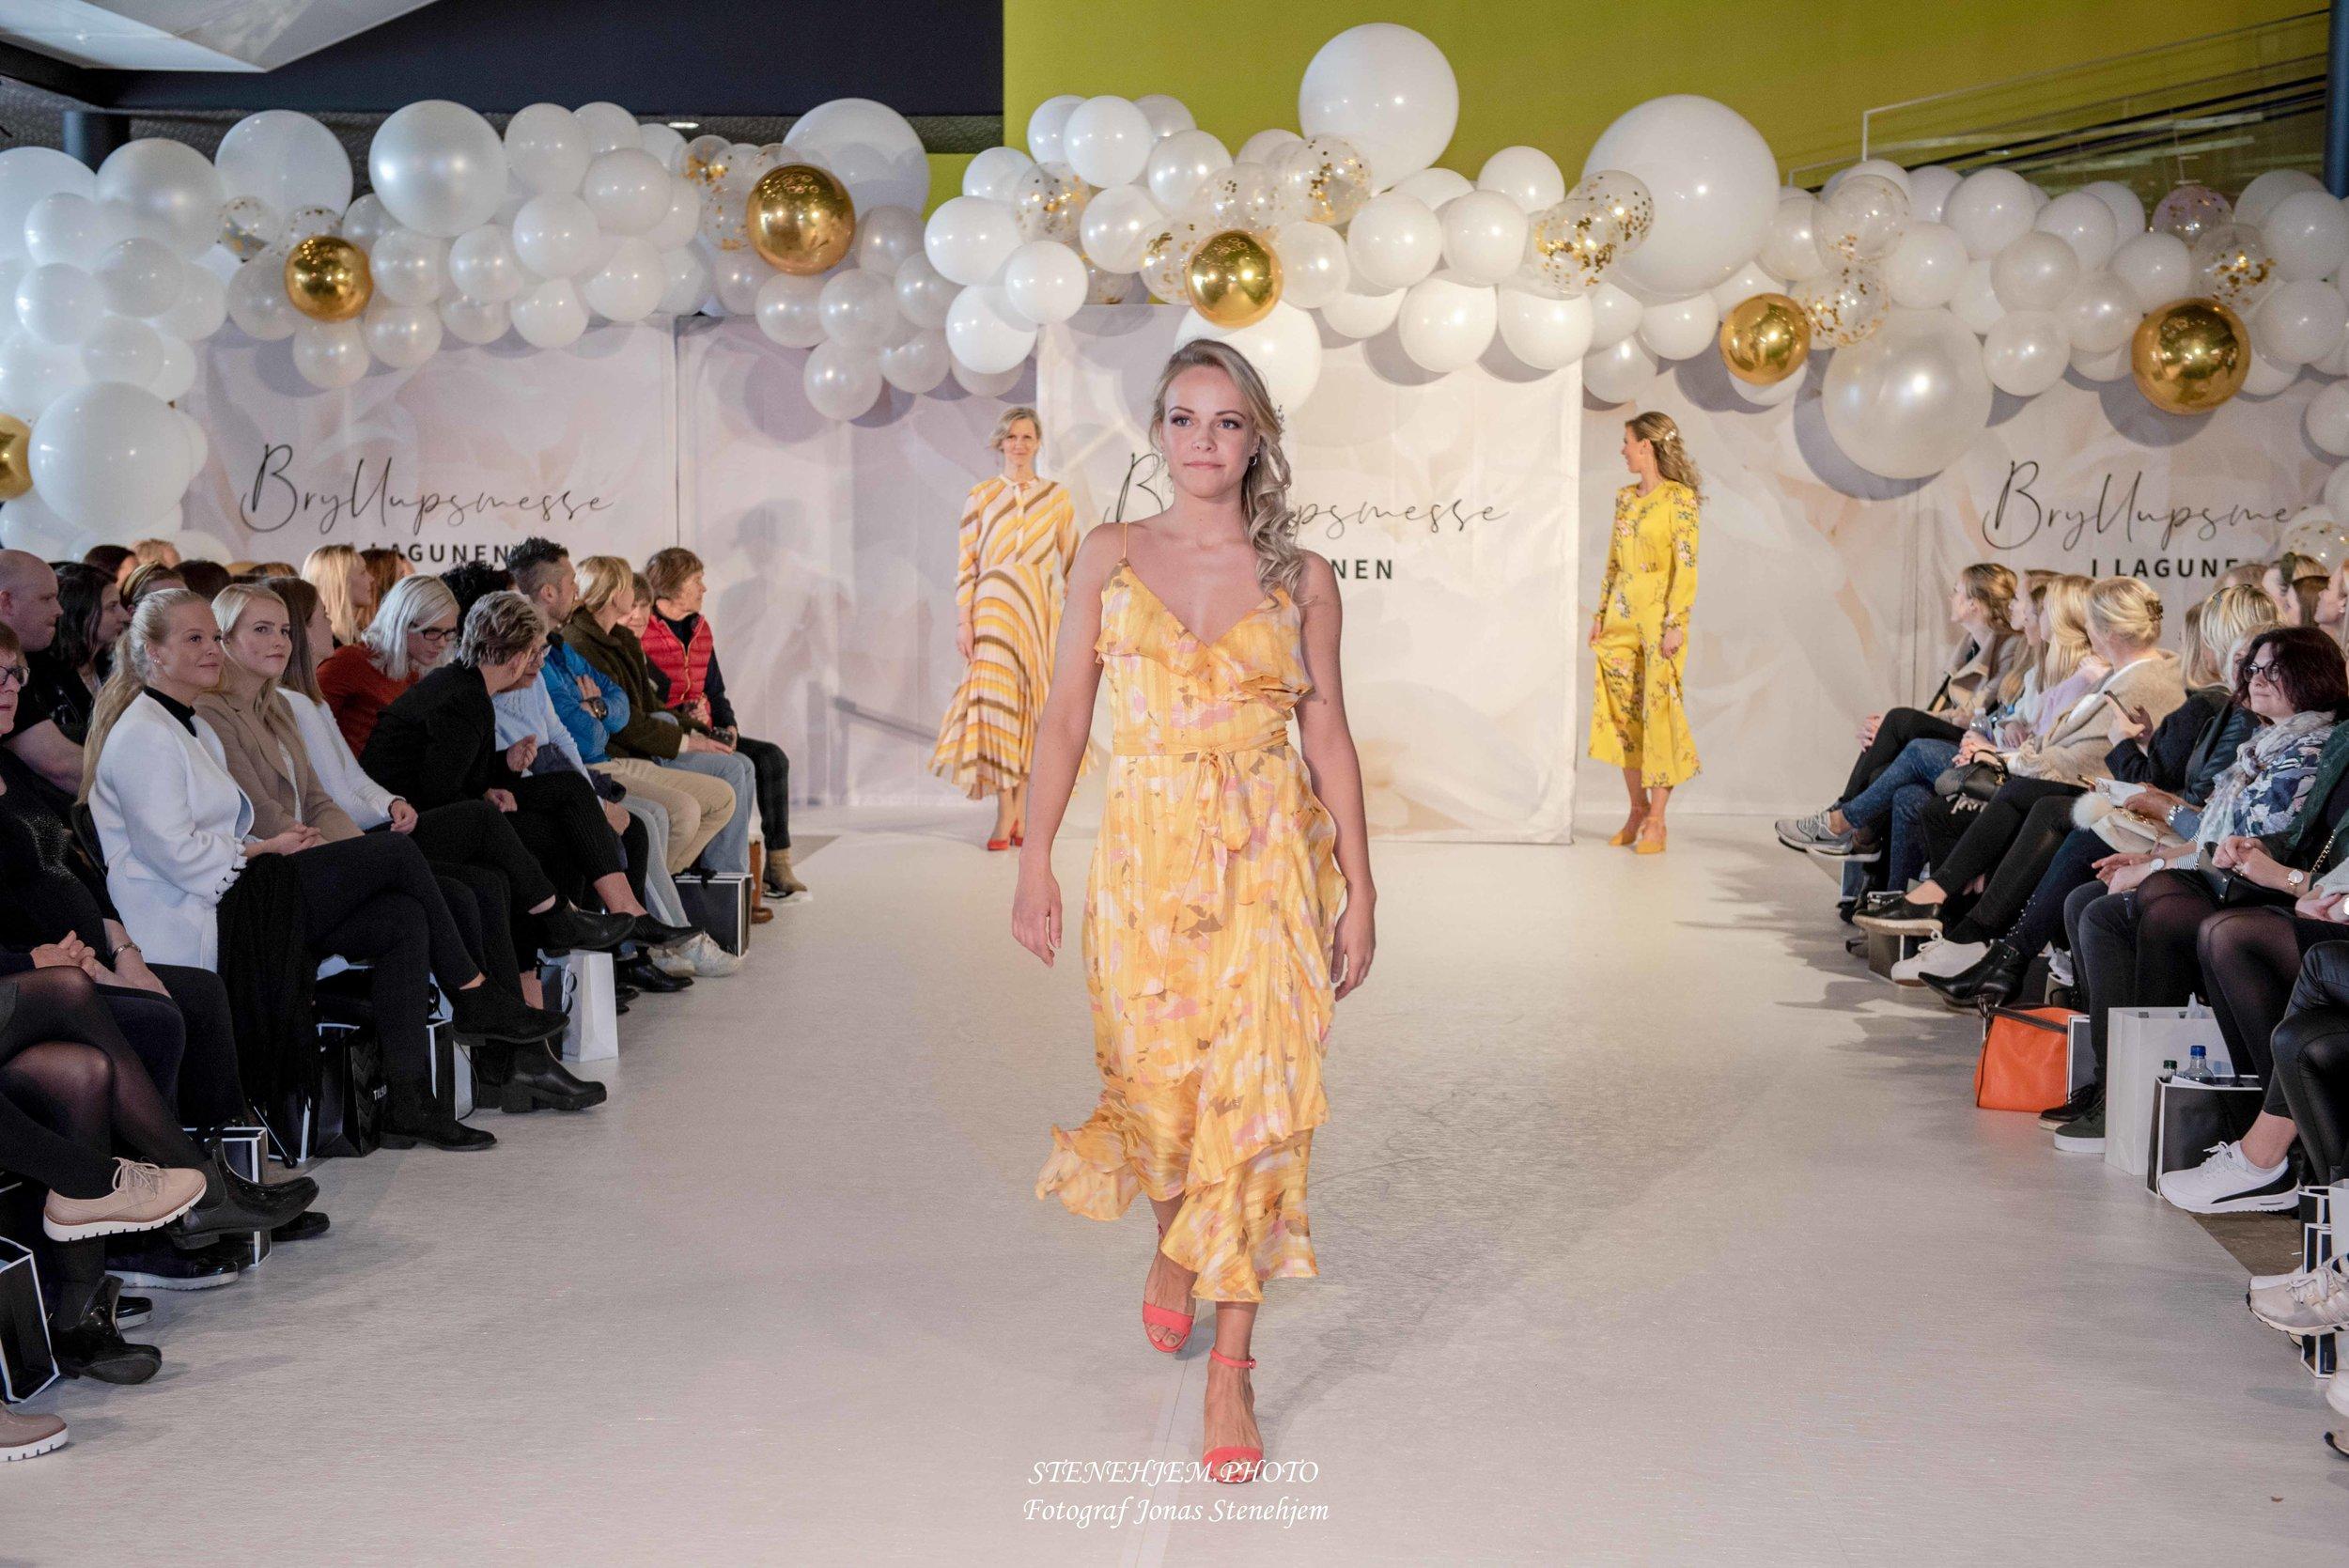 lagunen_fashion_mittaltweddingfair__011.jpg